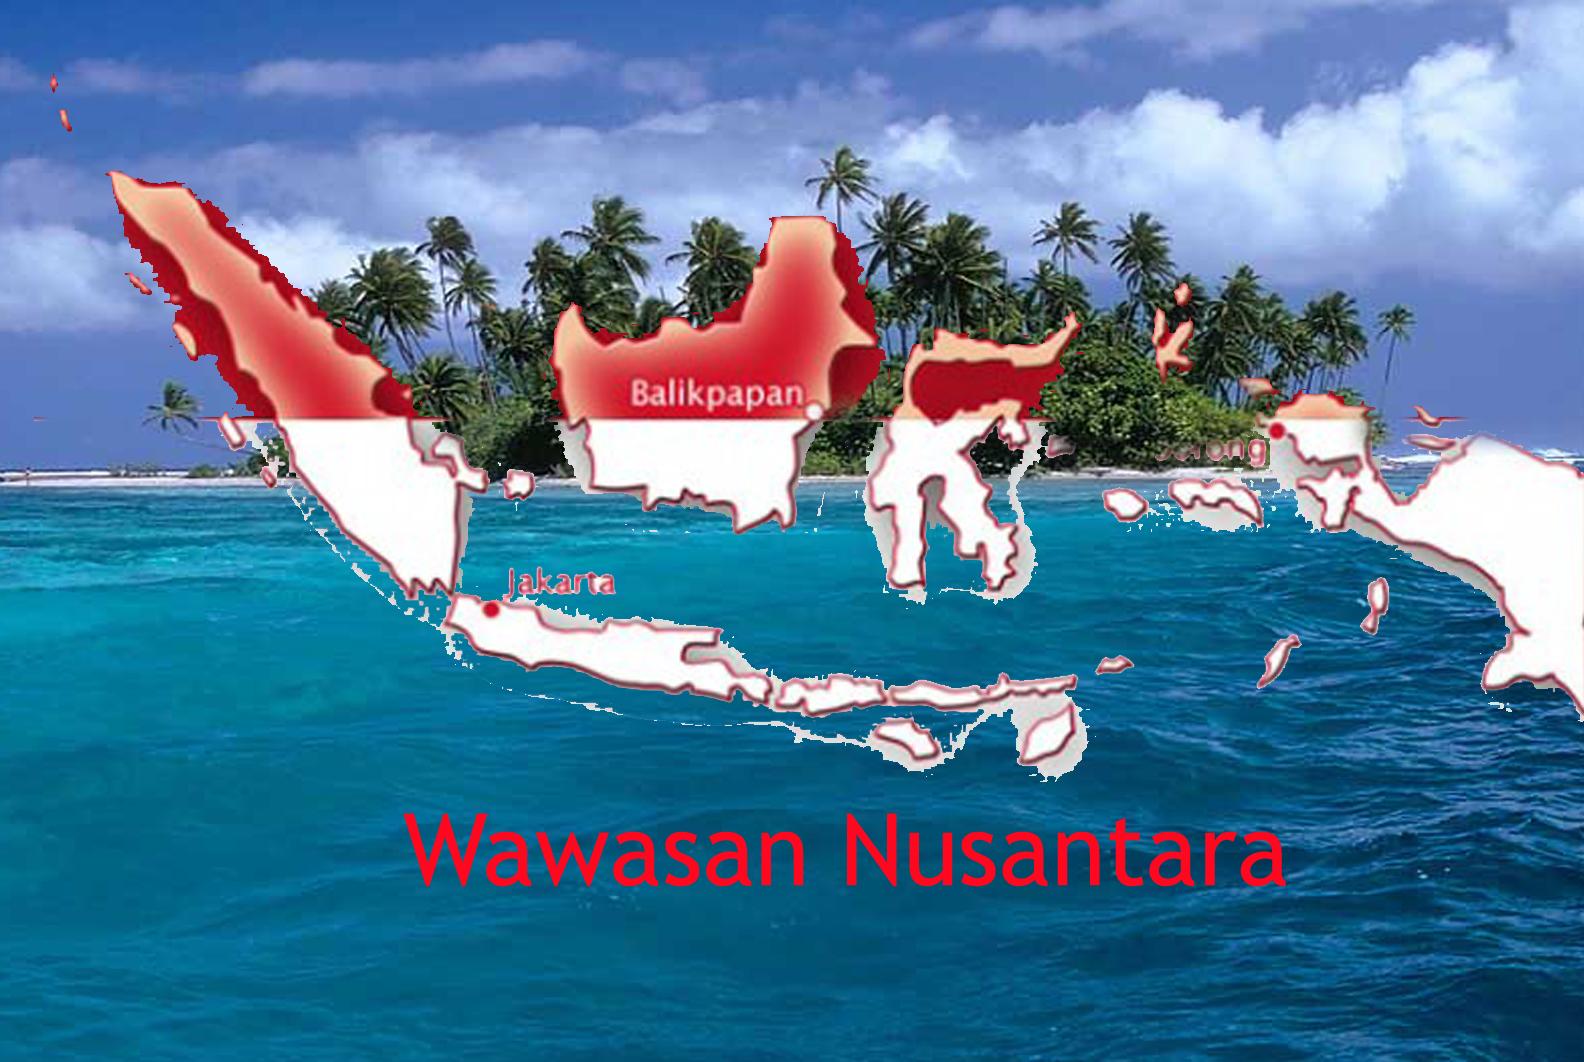 Makalah Wawasan Nusantara Makalah Bahasa Indonesia